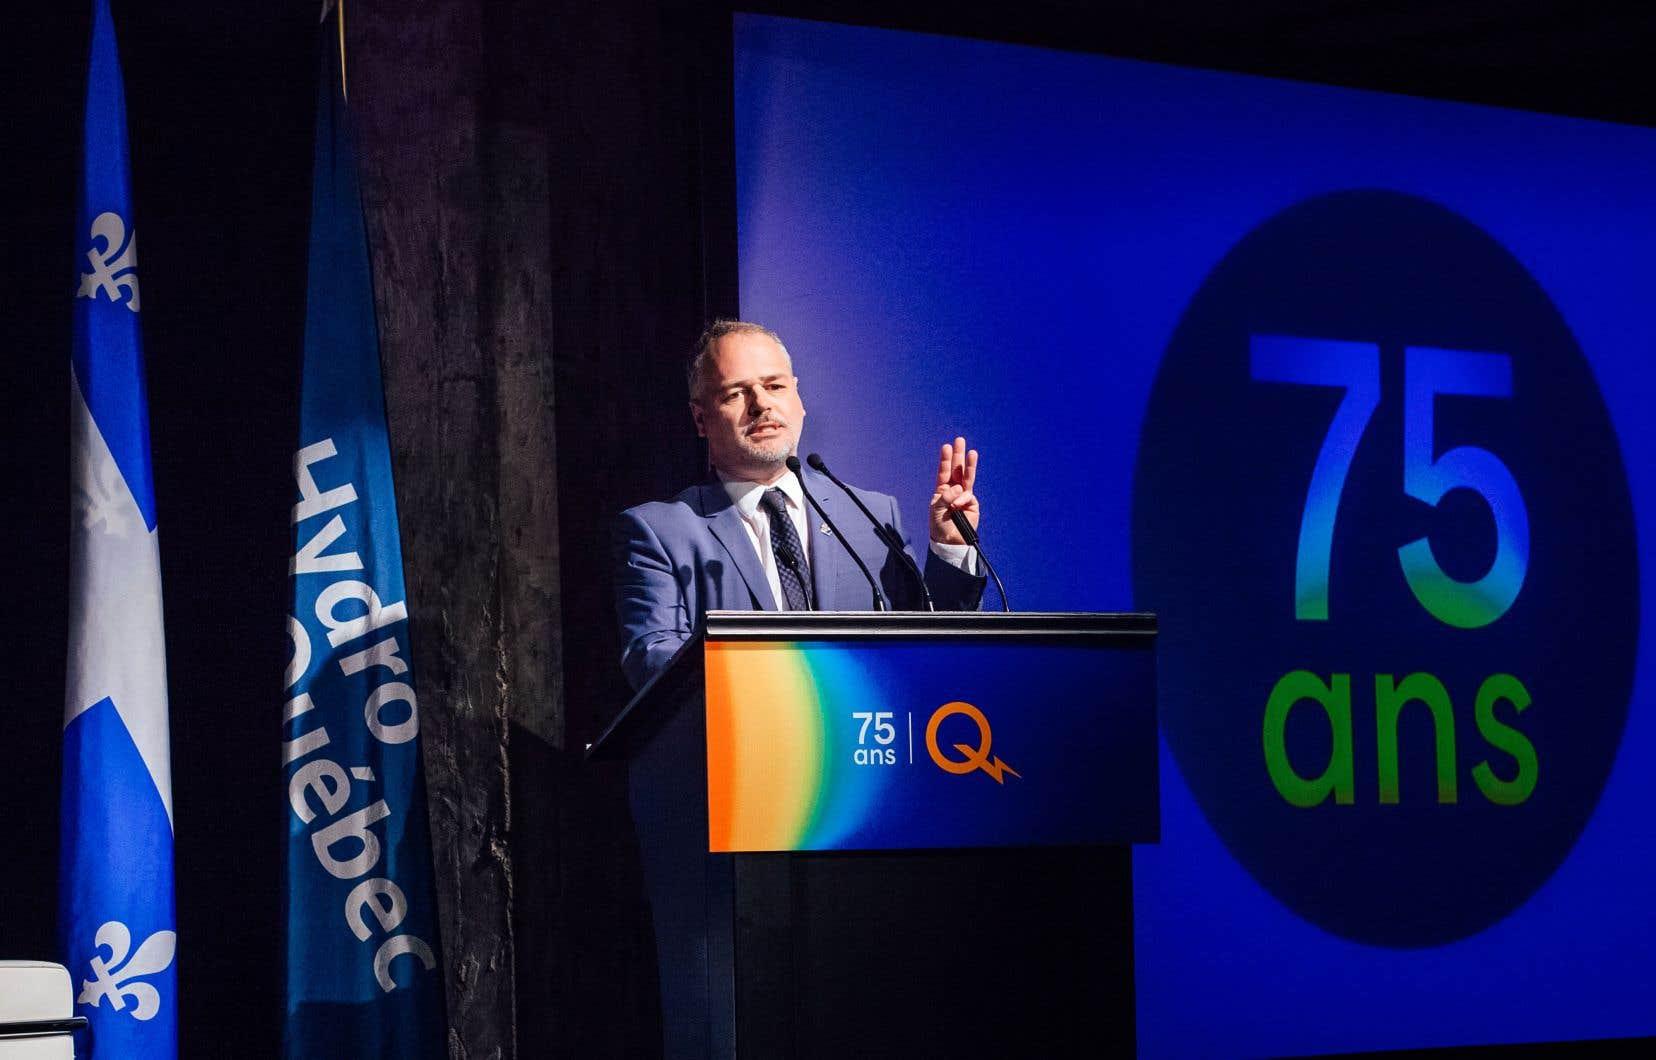 En mêlée de presse mardi à Québec, le ministre de l'Énergie et des Ressources naturelles, Jonatan Julien, a confirmé que le Québec allait «réactiver de manière intense» les négociations avec New York.